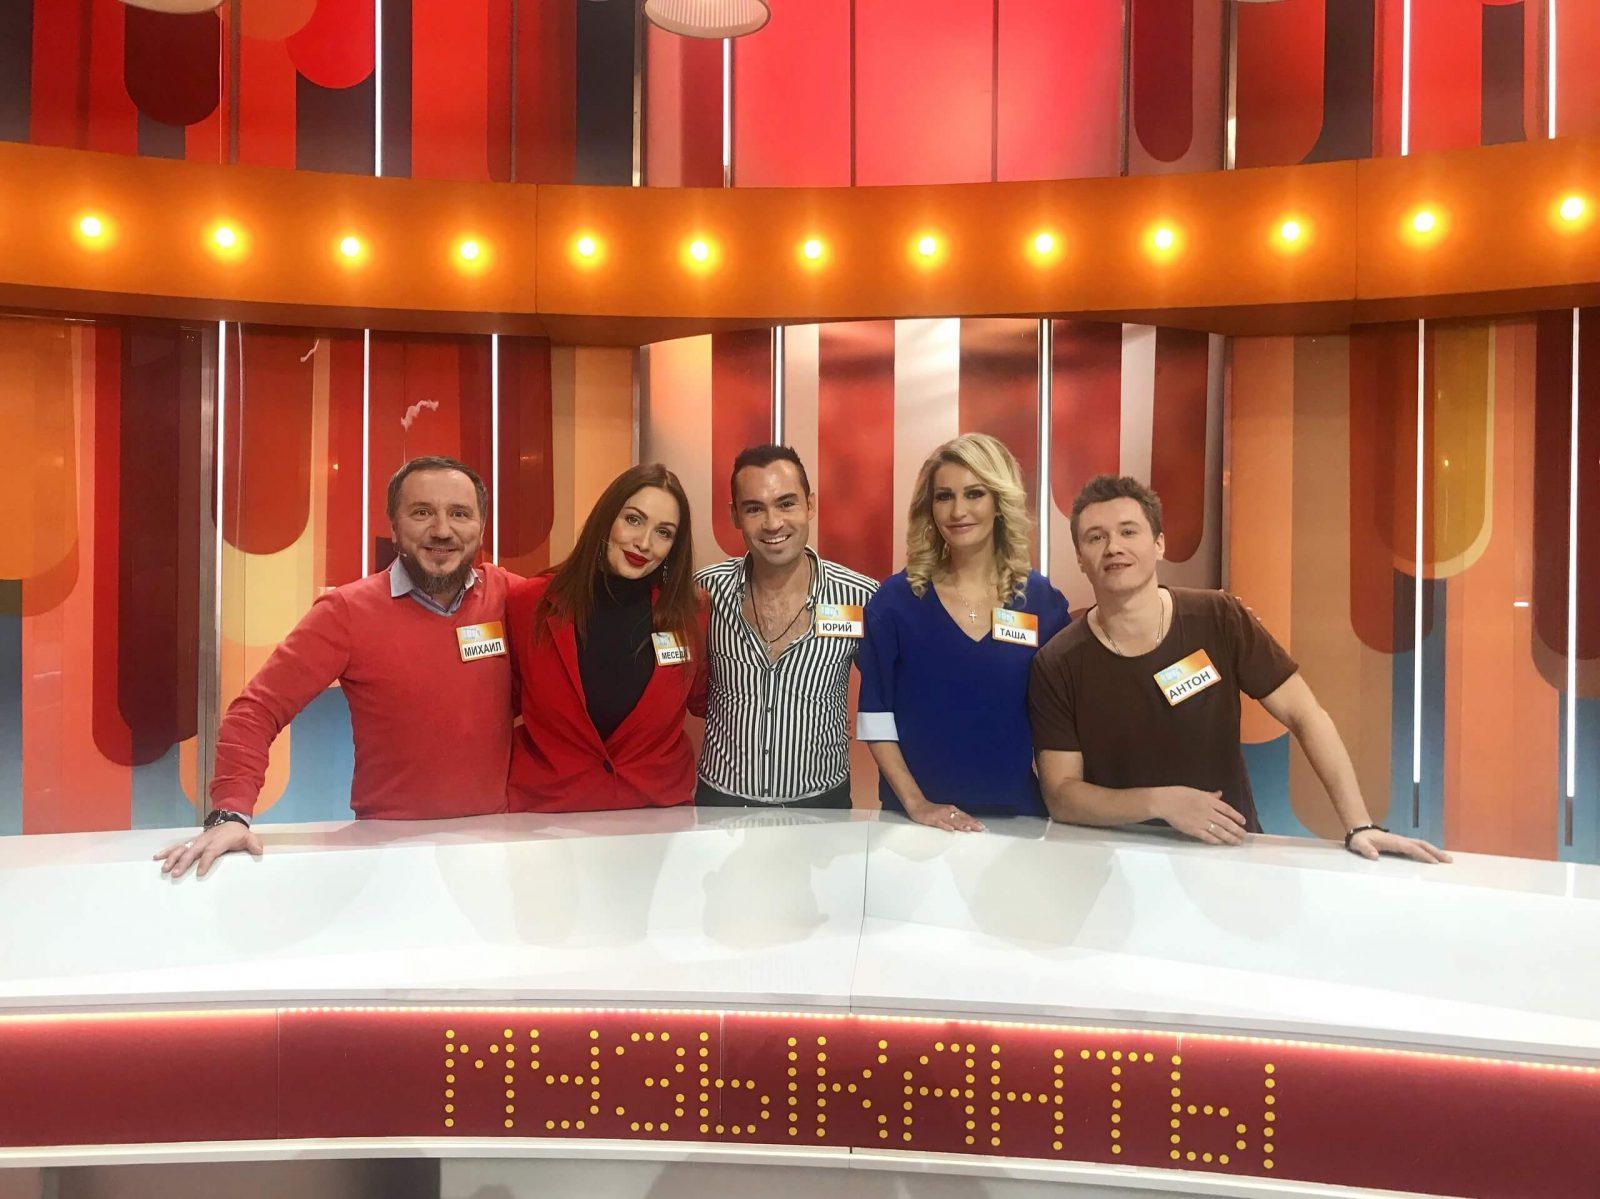 Фото проведения тимбилдинга по программе Телешоу от RedG